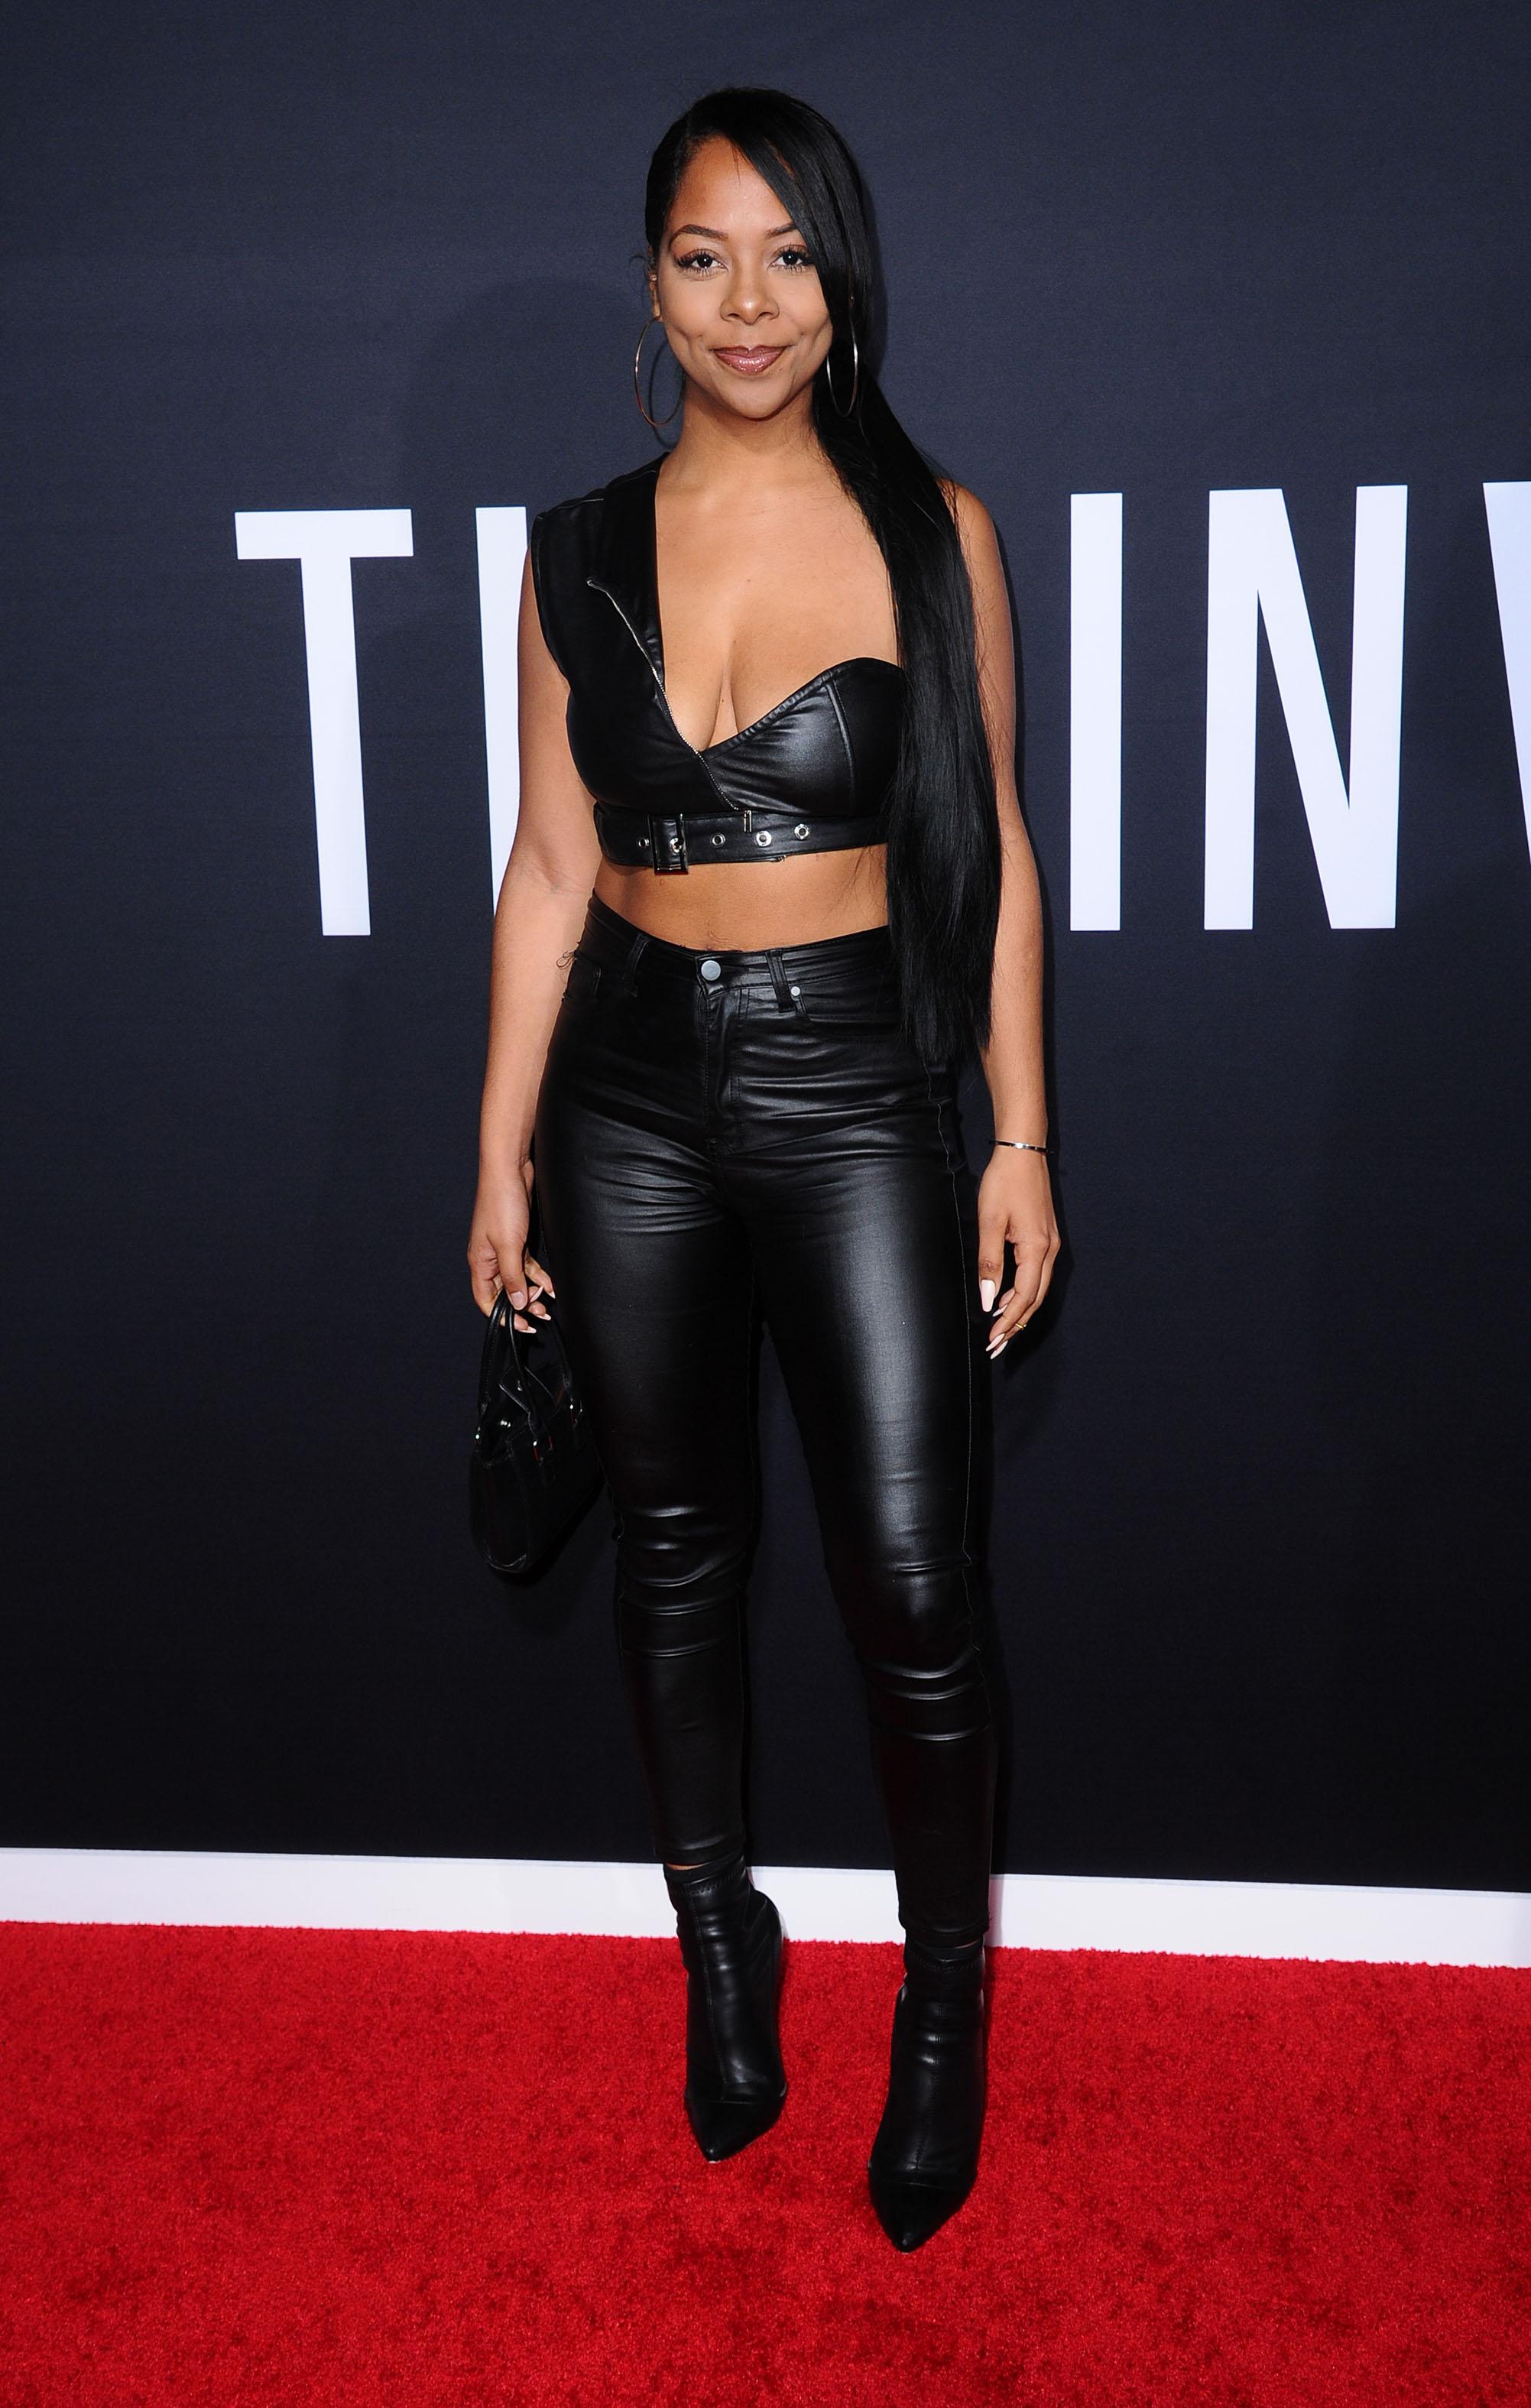 Yanira Pache attends The Invisible Man film premiere